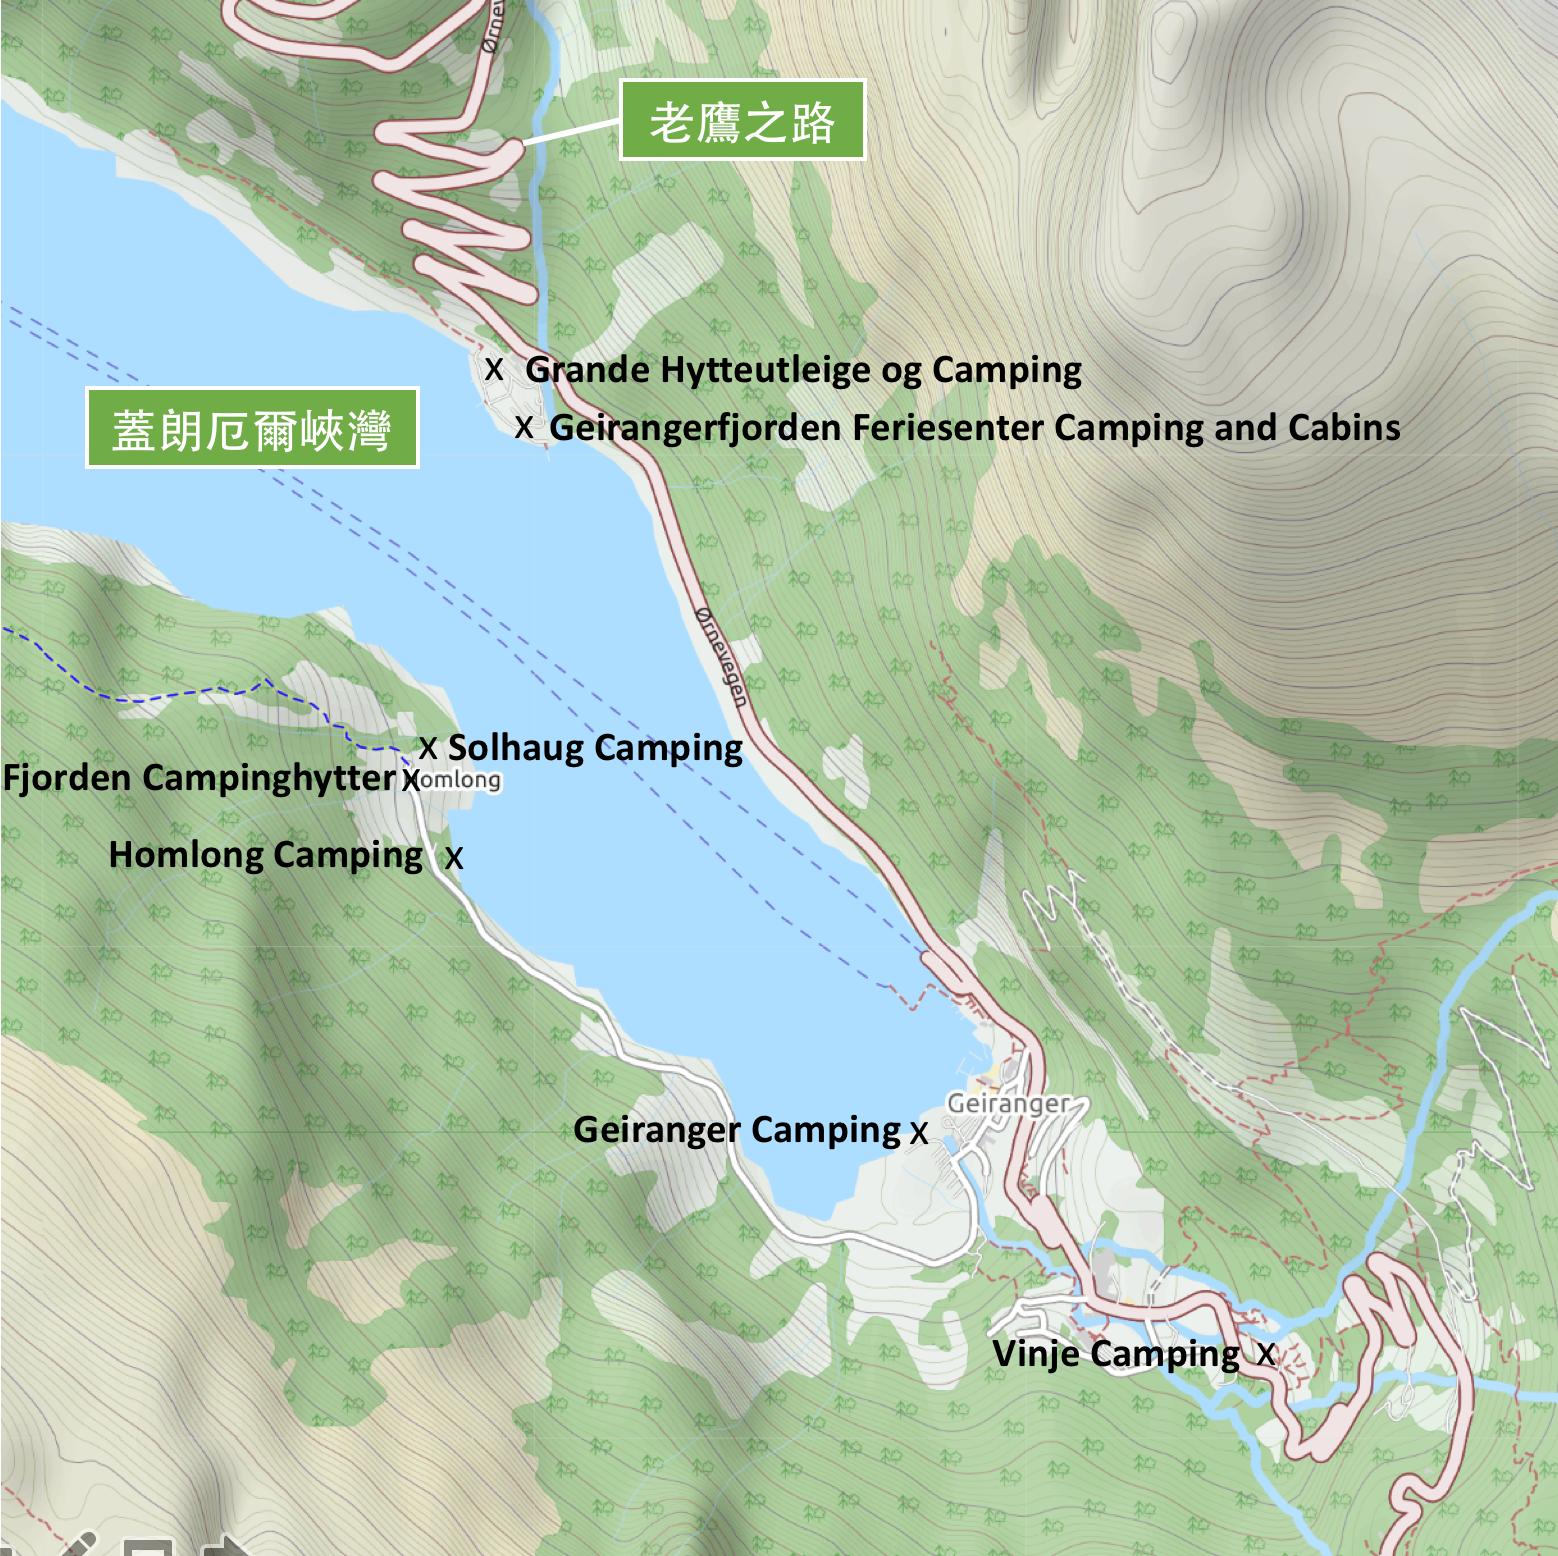 【北歐露營】在世界遺產峽灣旁露營 — 坐擁壯闊海景第一排的 Geiranger Camping 2